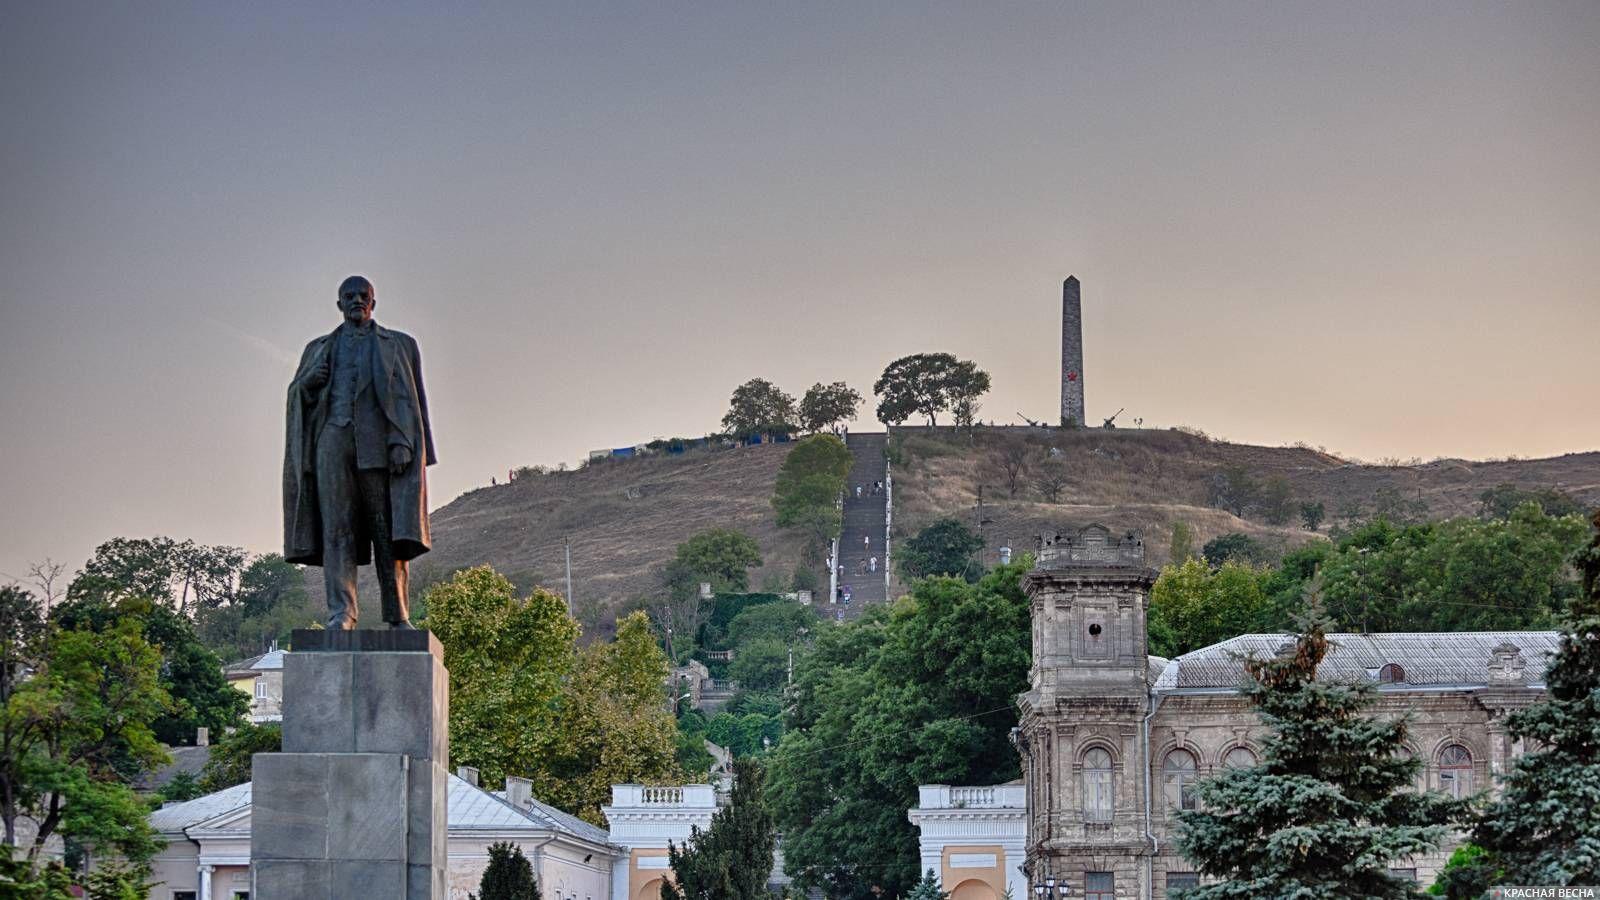 Ленин, Керчь, Крым